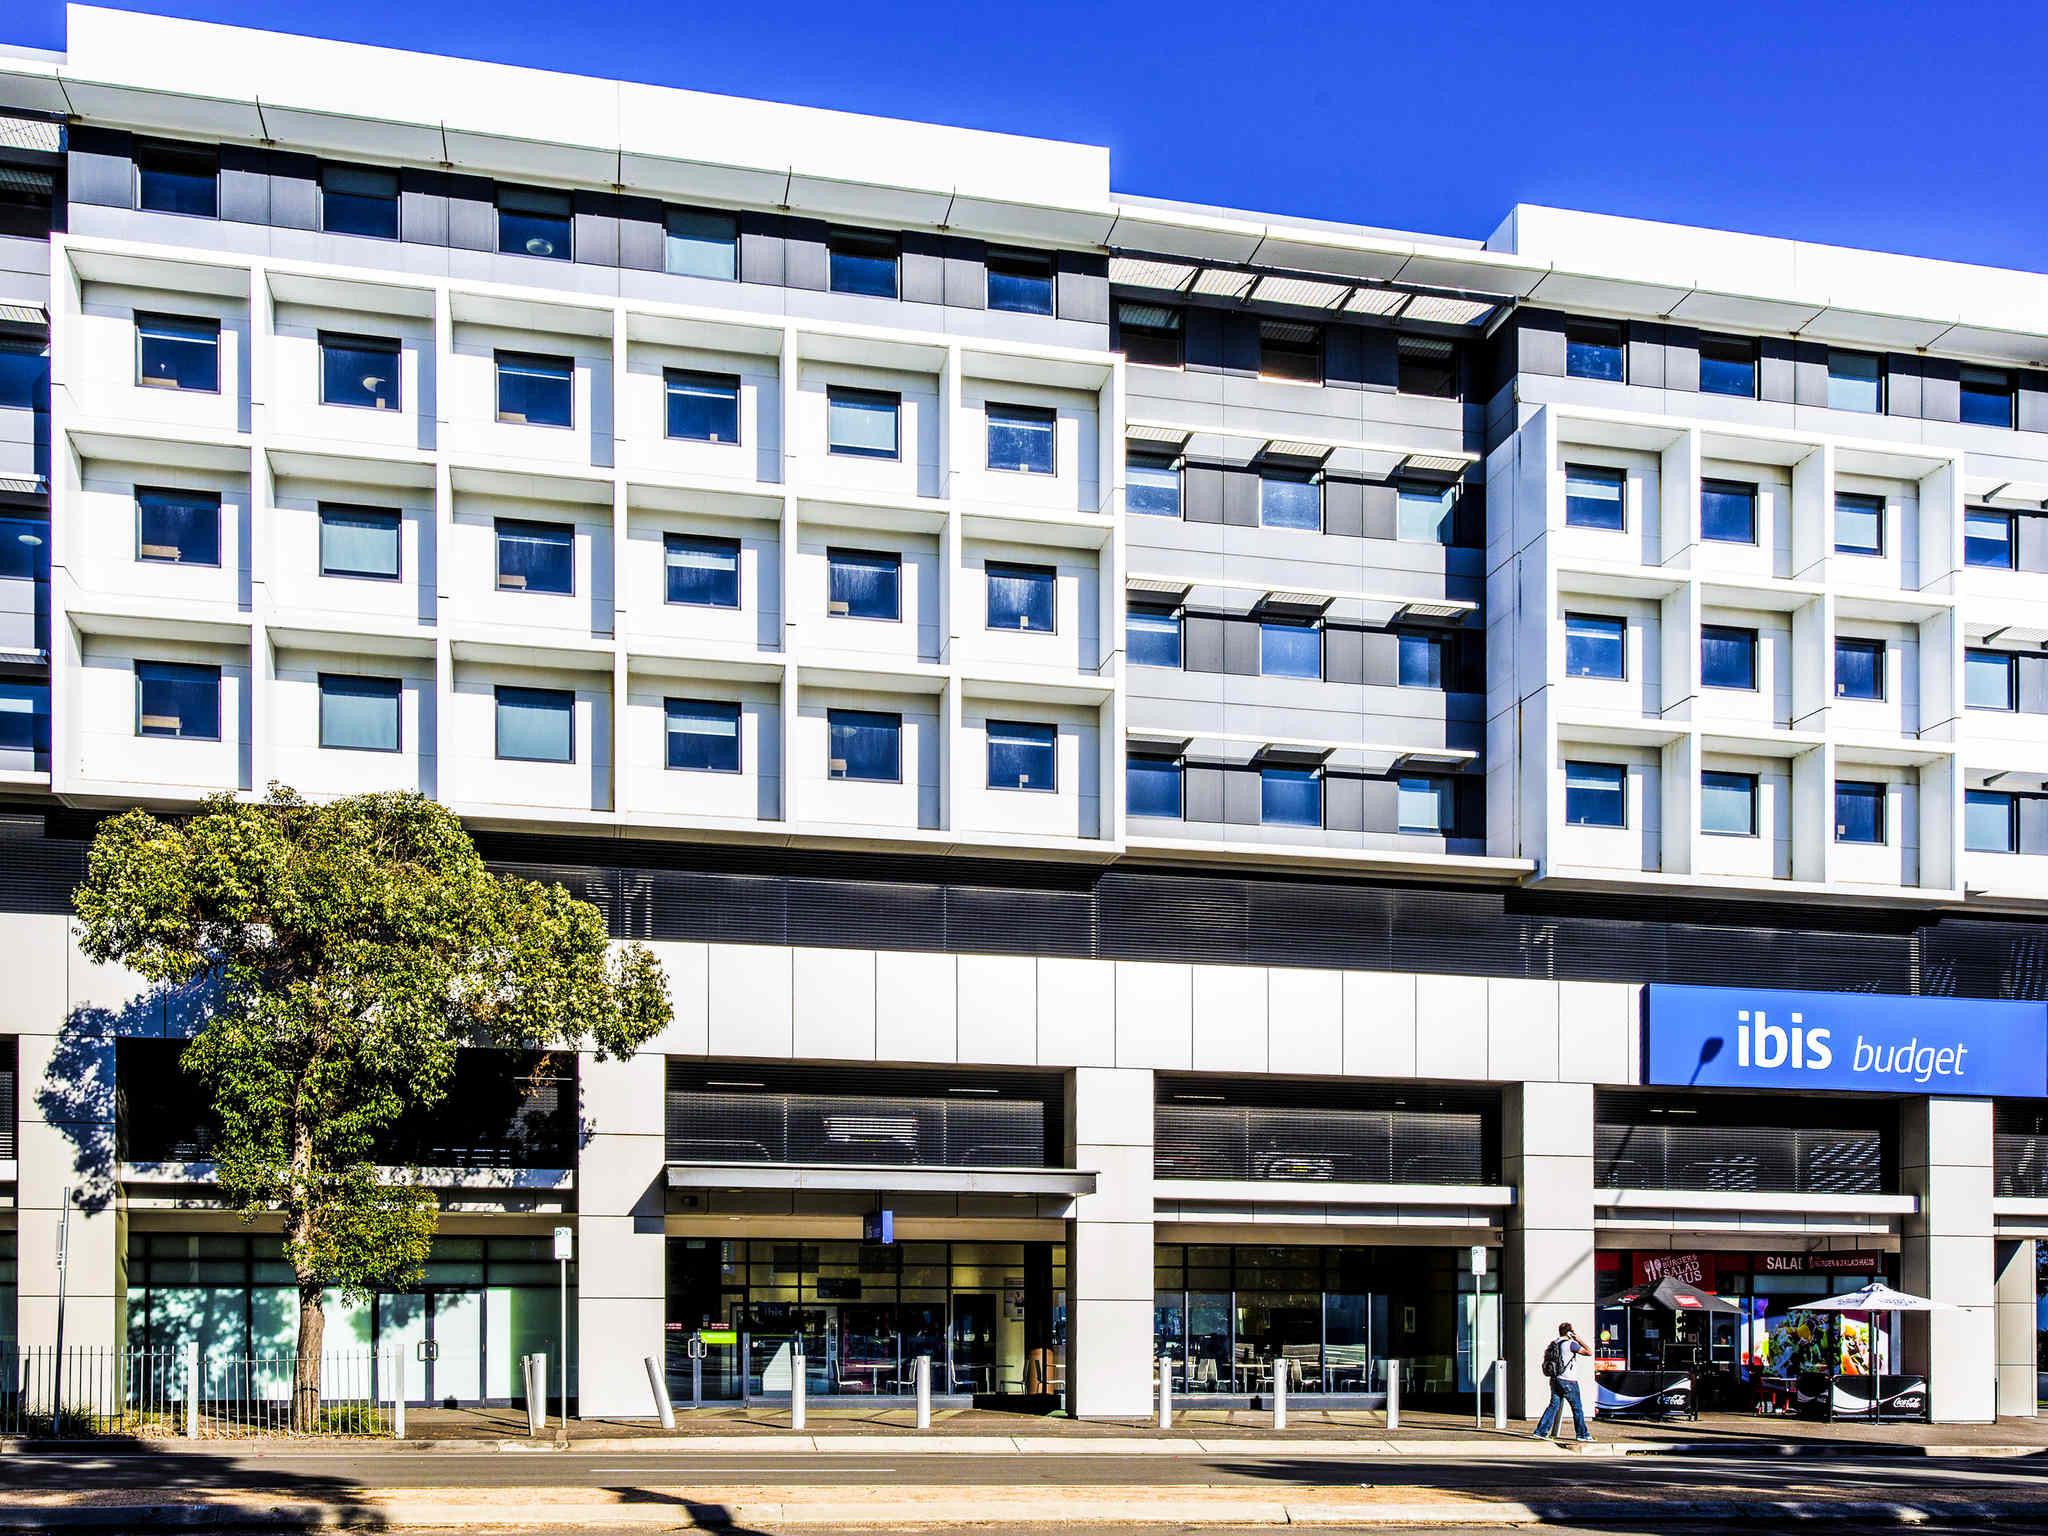 酒店 – 宜必思快捷悉尼奥林匹克公园酒店